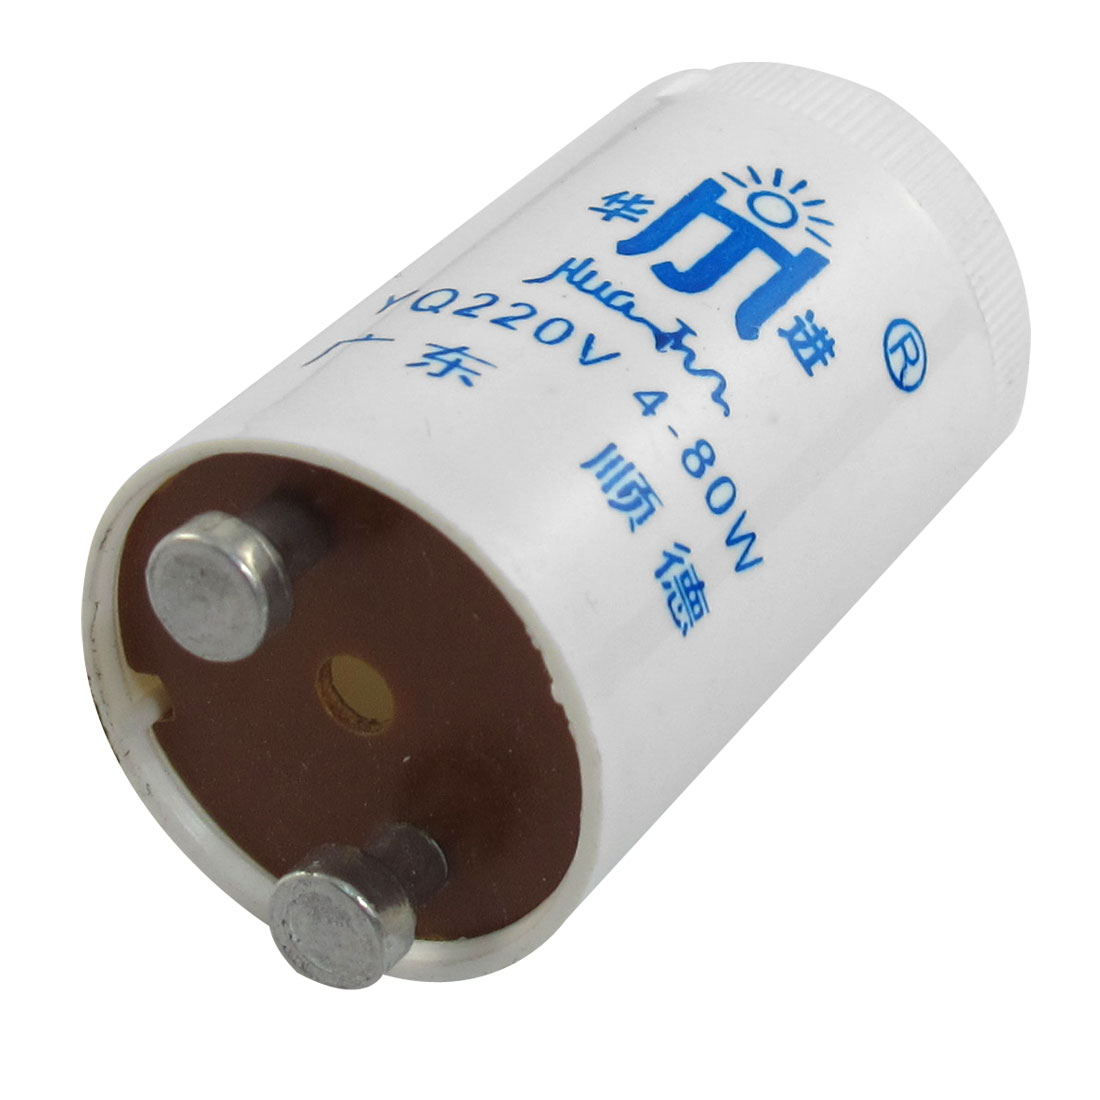 220V 4-80 Watt T8 Fluorescent Light Lamp Starter